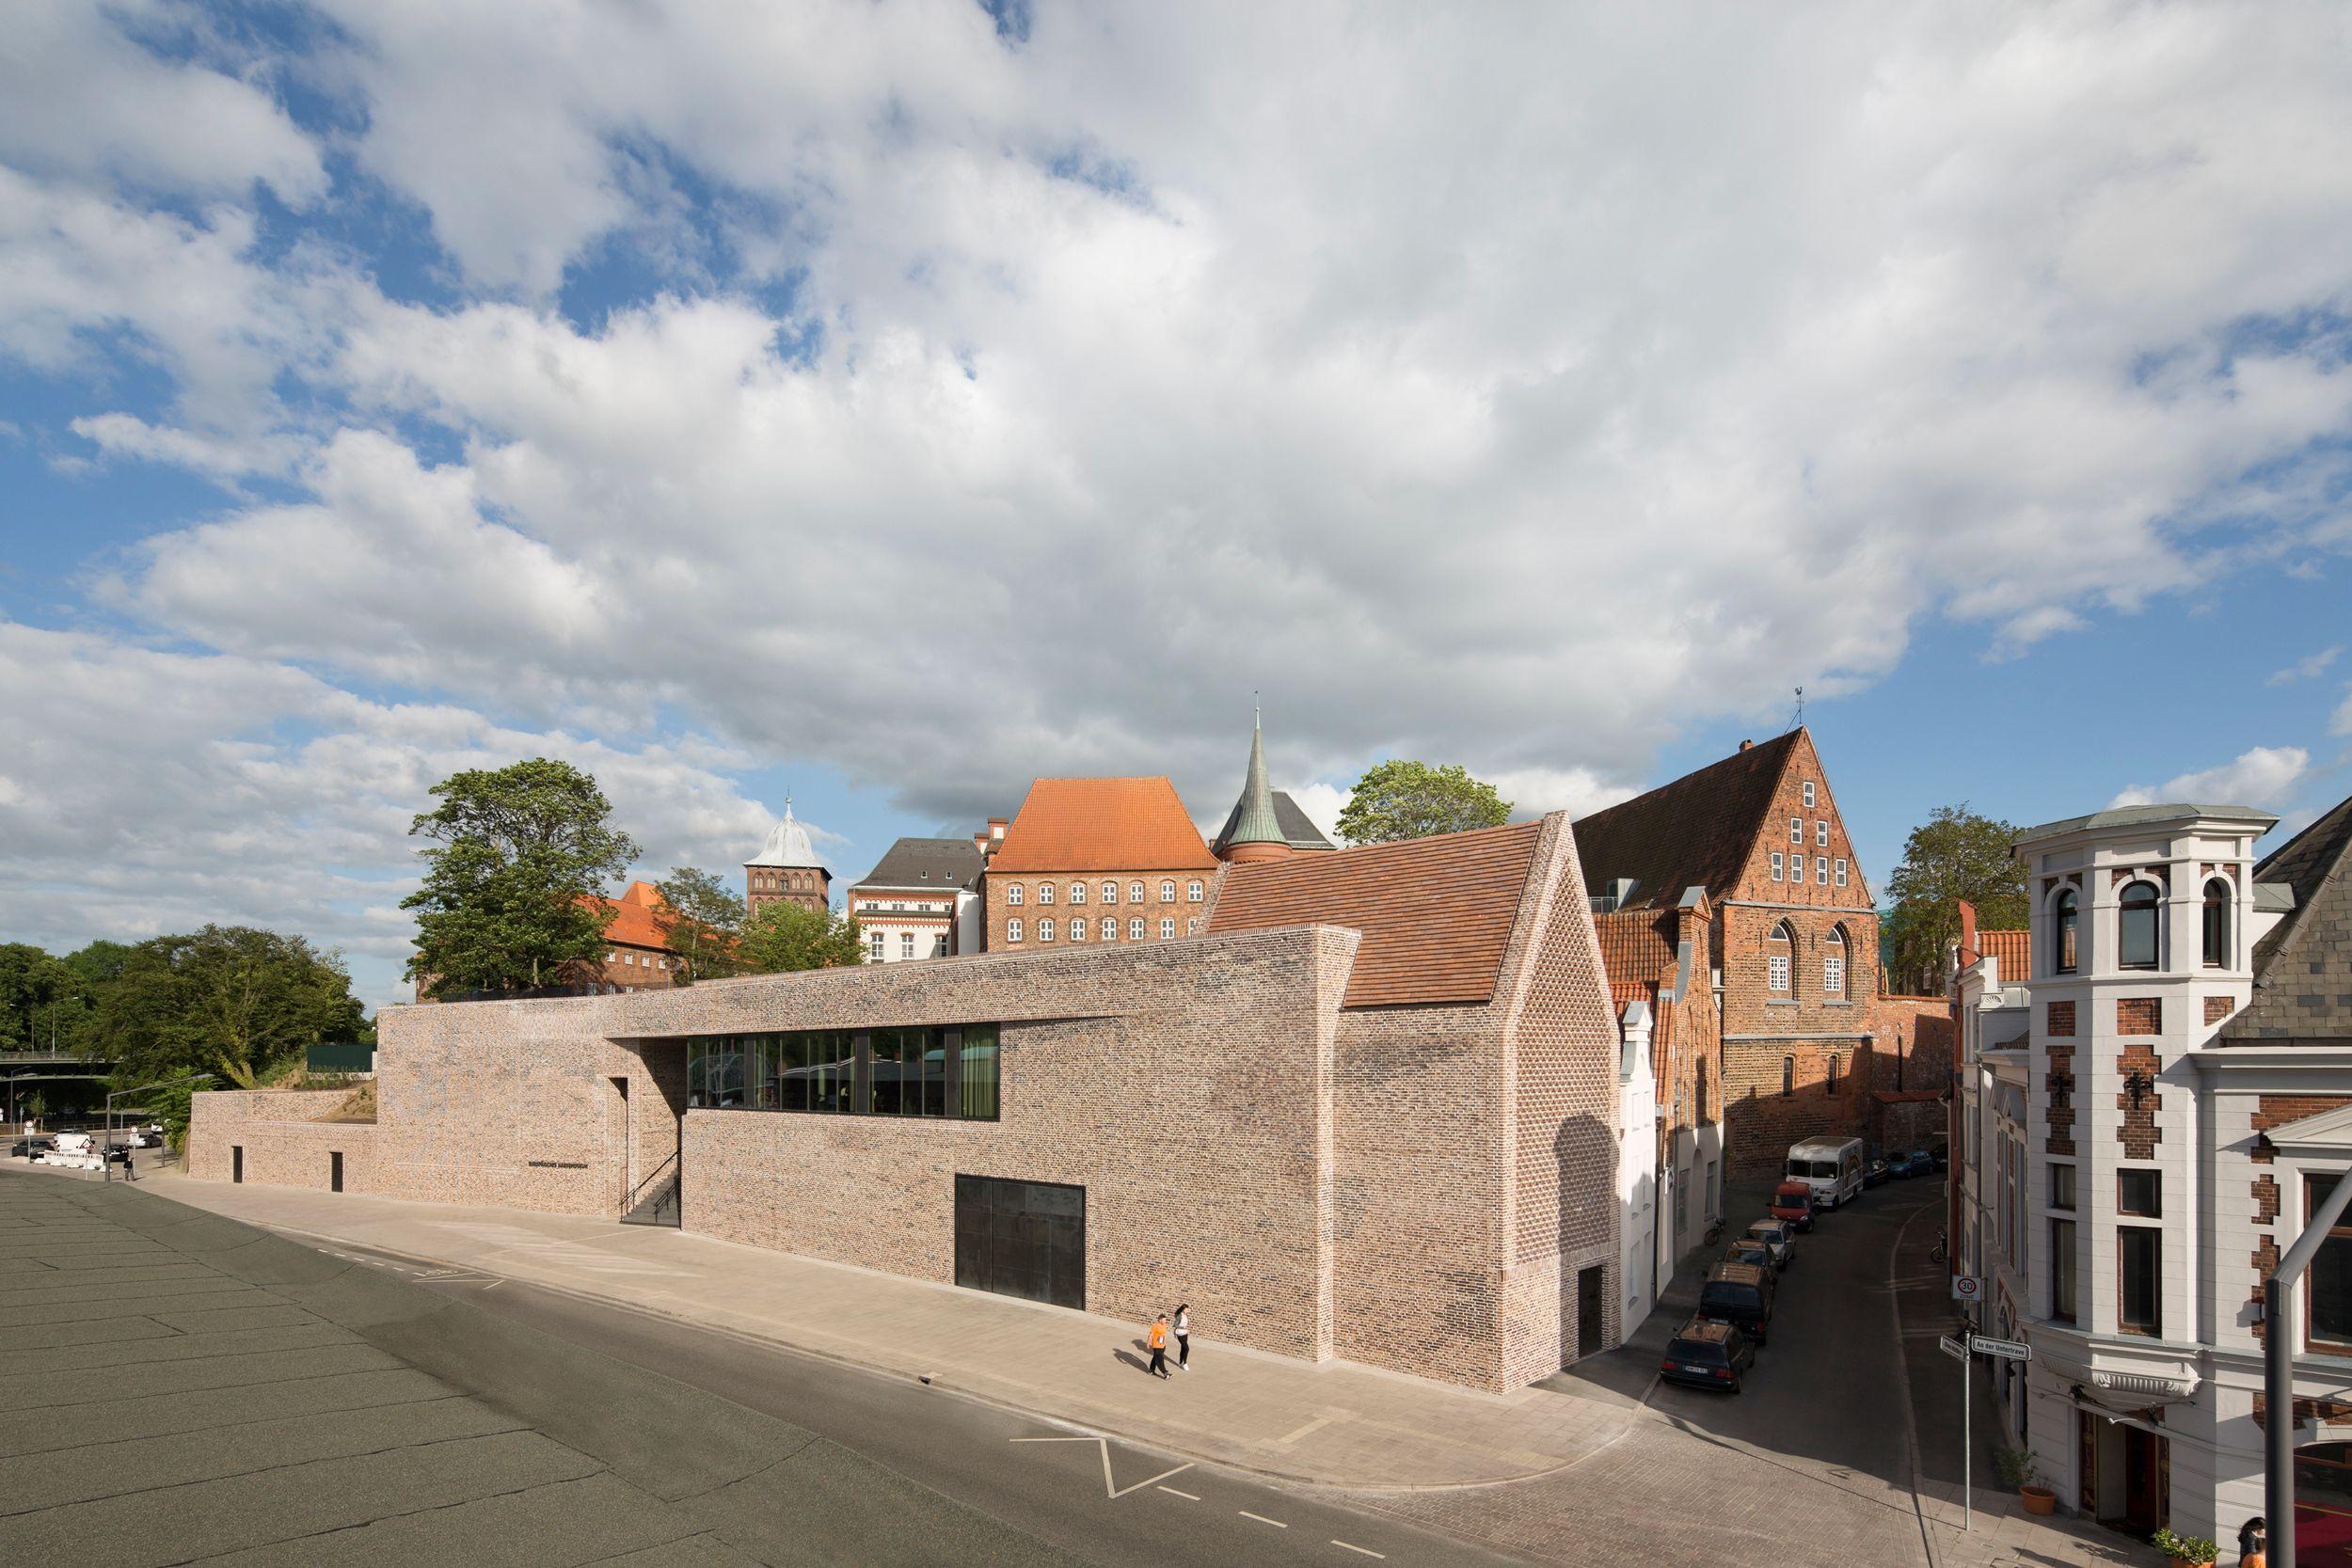 Architektur Lübeck komforttoilette fast per and play lübeck werner und andreas